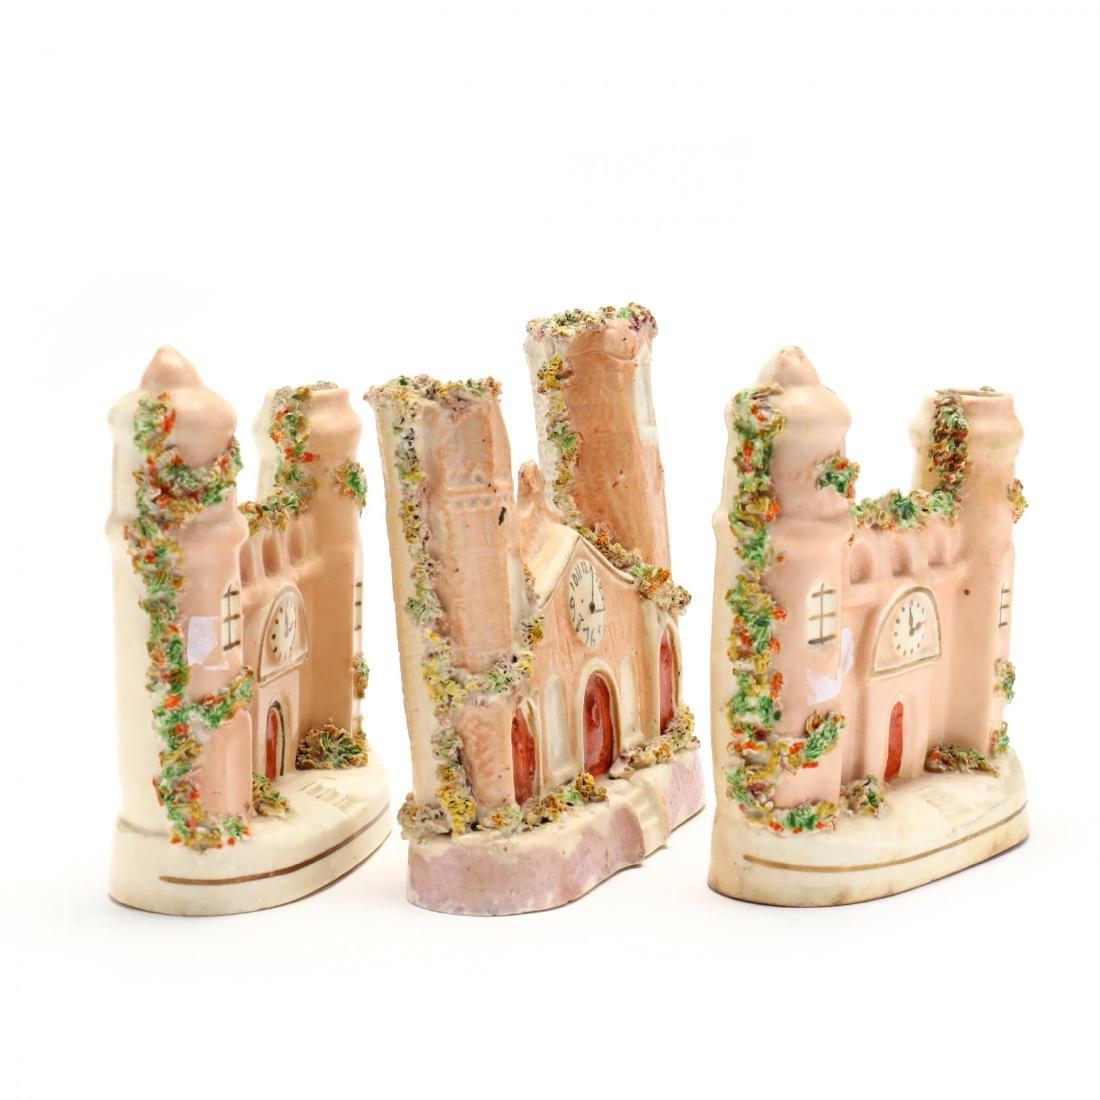 Staffordshire Incense Burner and Vases - 3